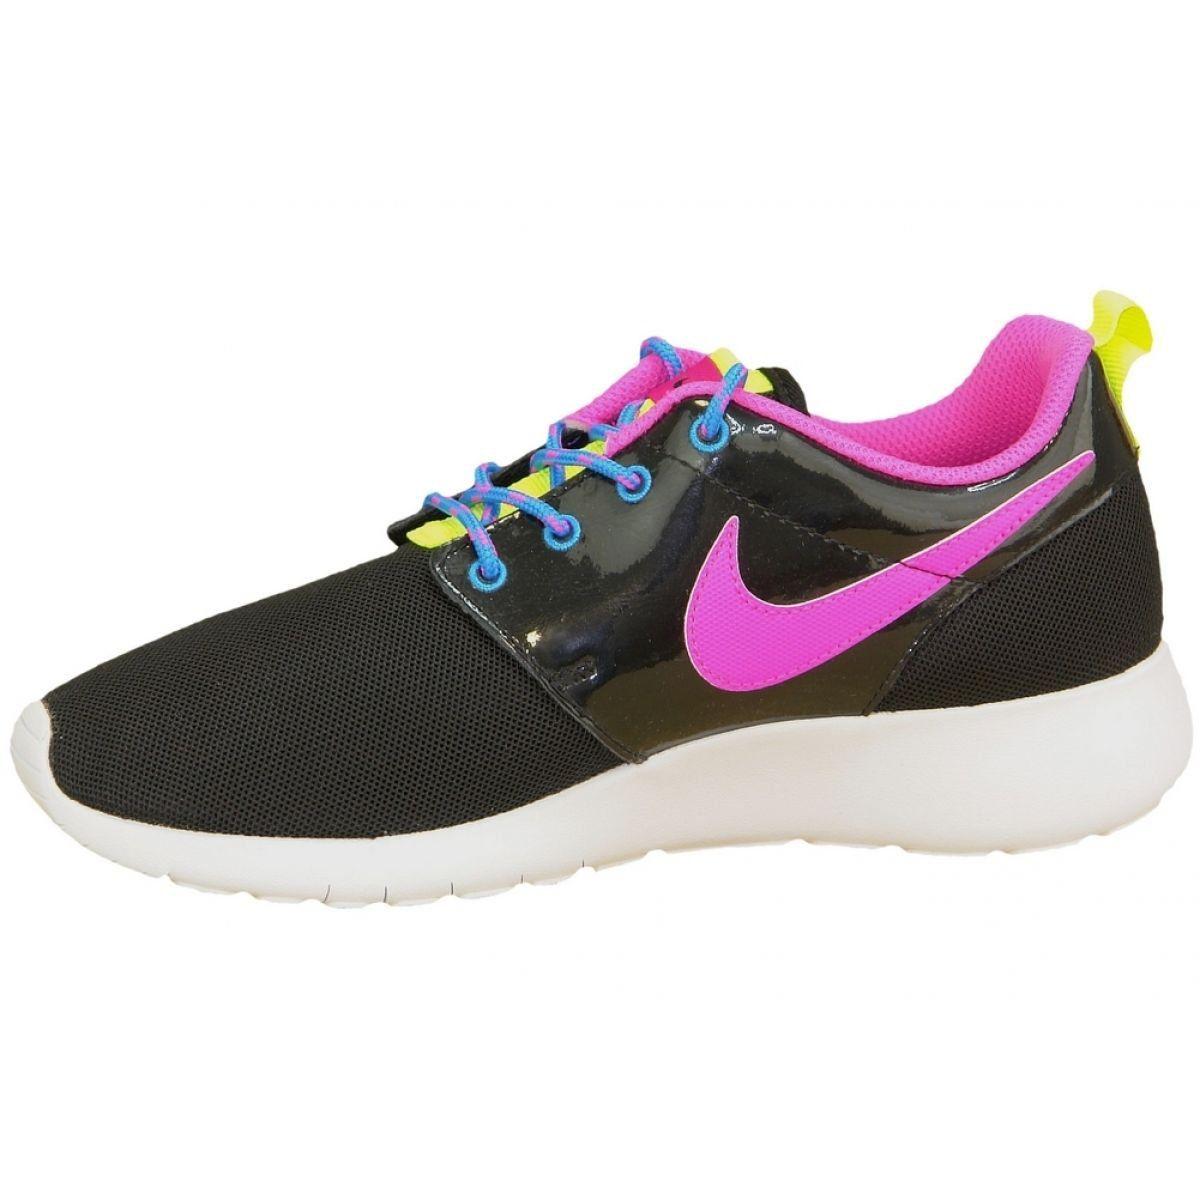 Buty Nike Roshe One Gs W 599729 011 Czarne Rozowe Wielokolorowe Nike Nike Shoes Outfits Nike Shoes High Tops